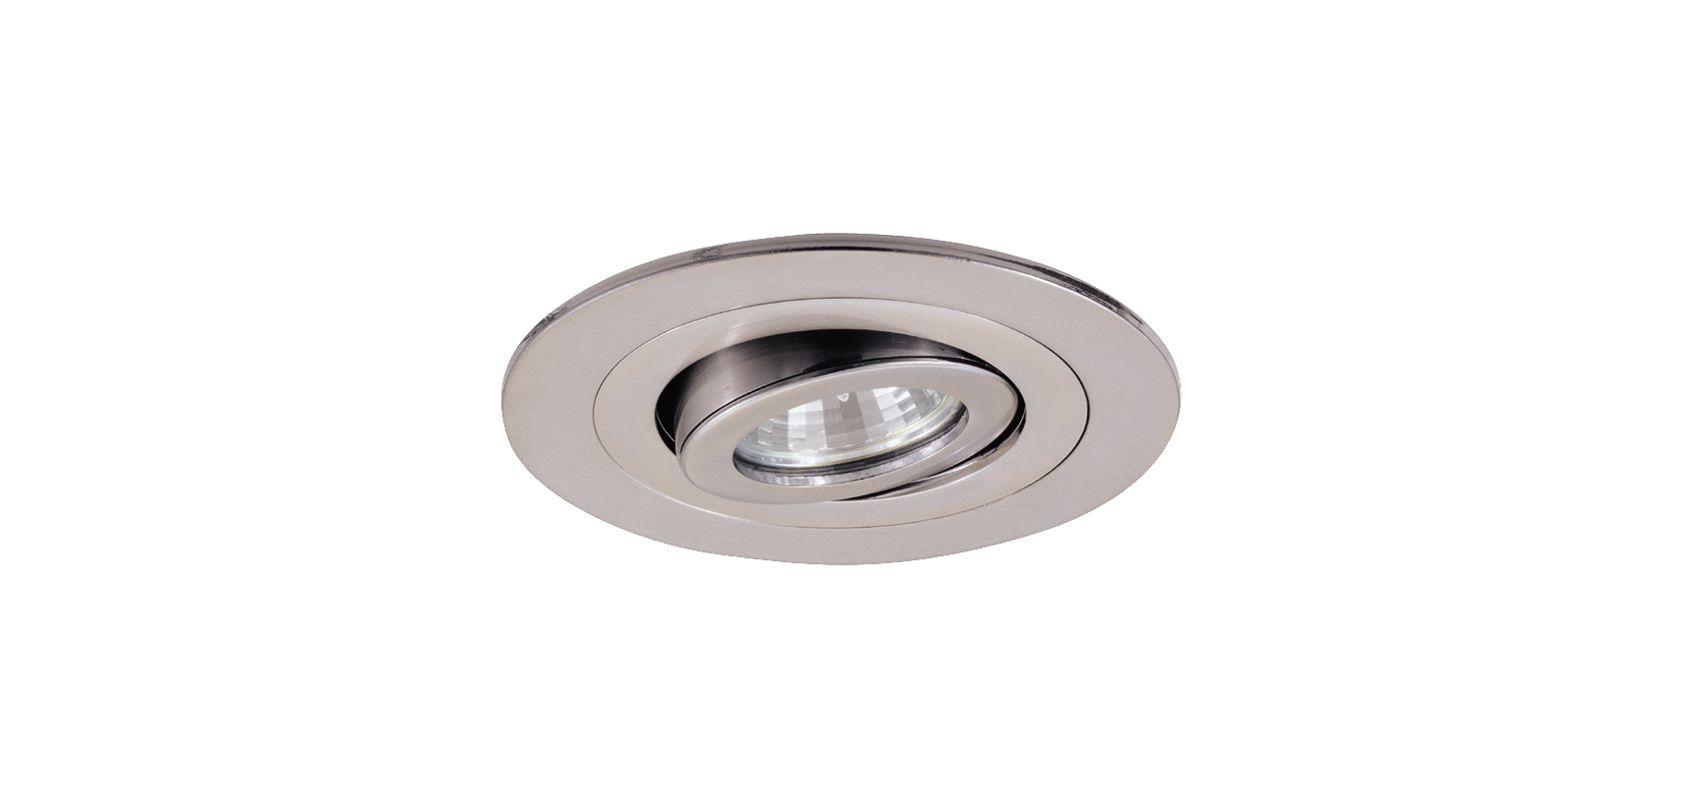 Elco EL1488 4&quote Low Voltage Adjustable Spot Trim Nickel Recessed Lights